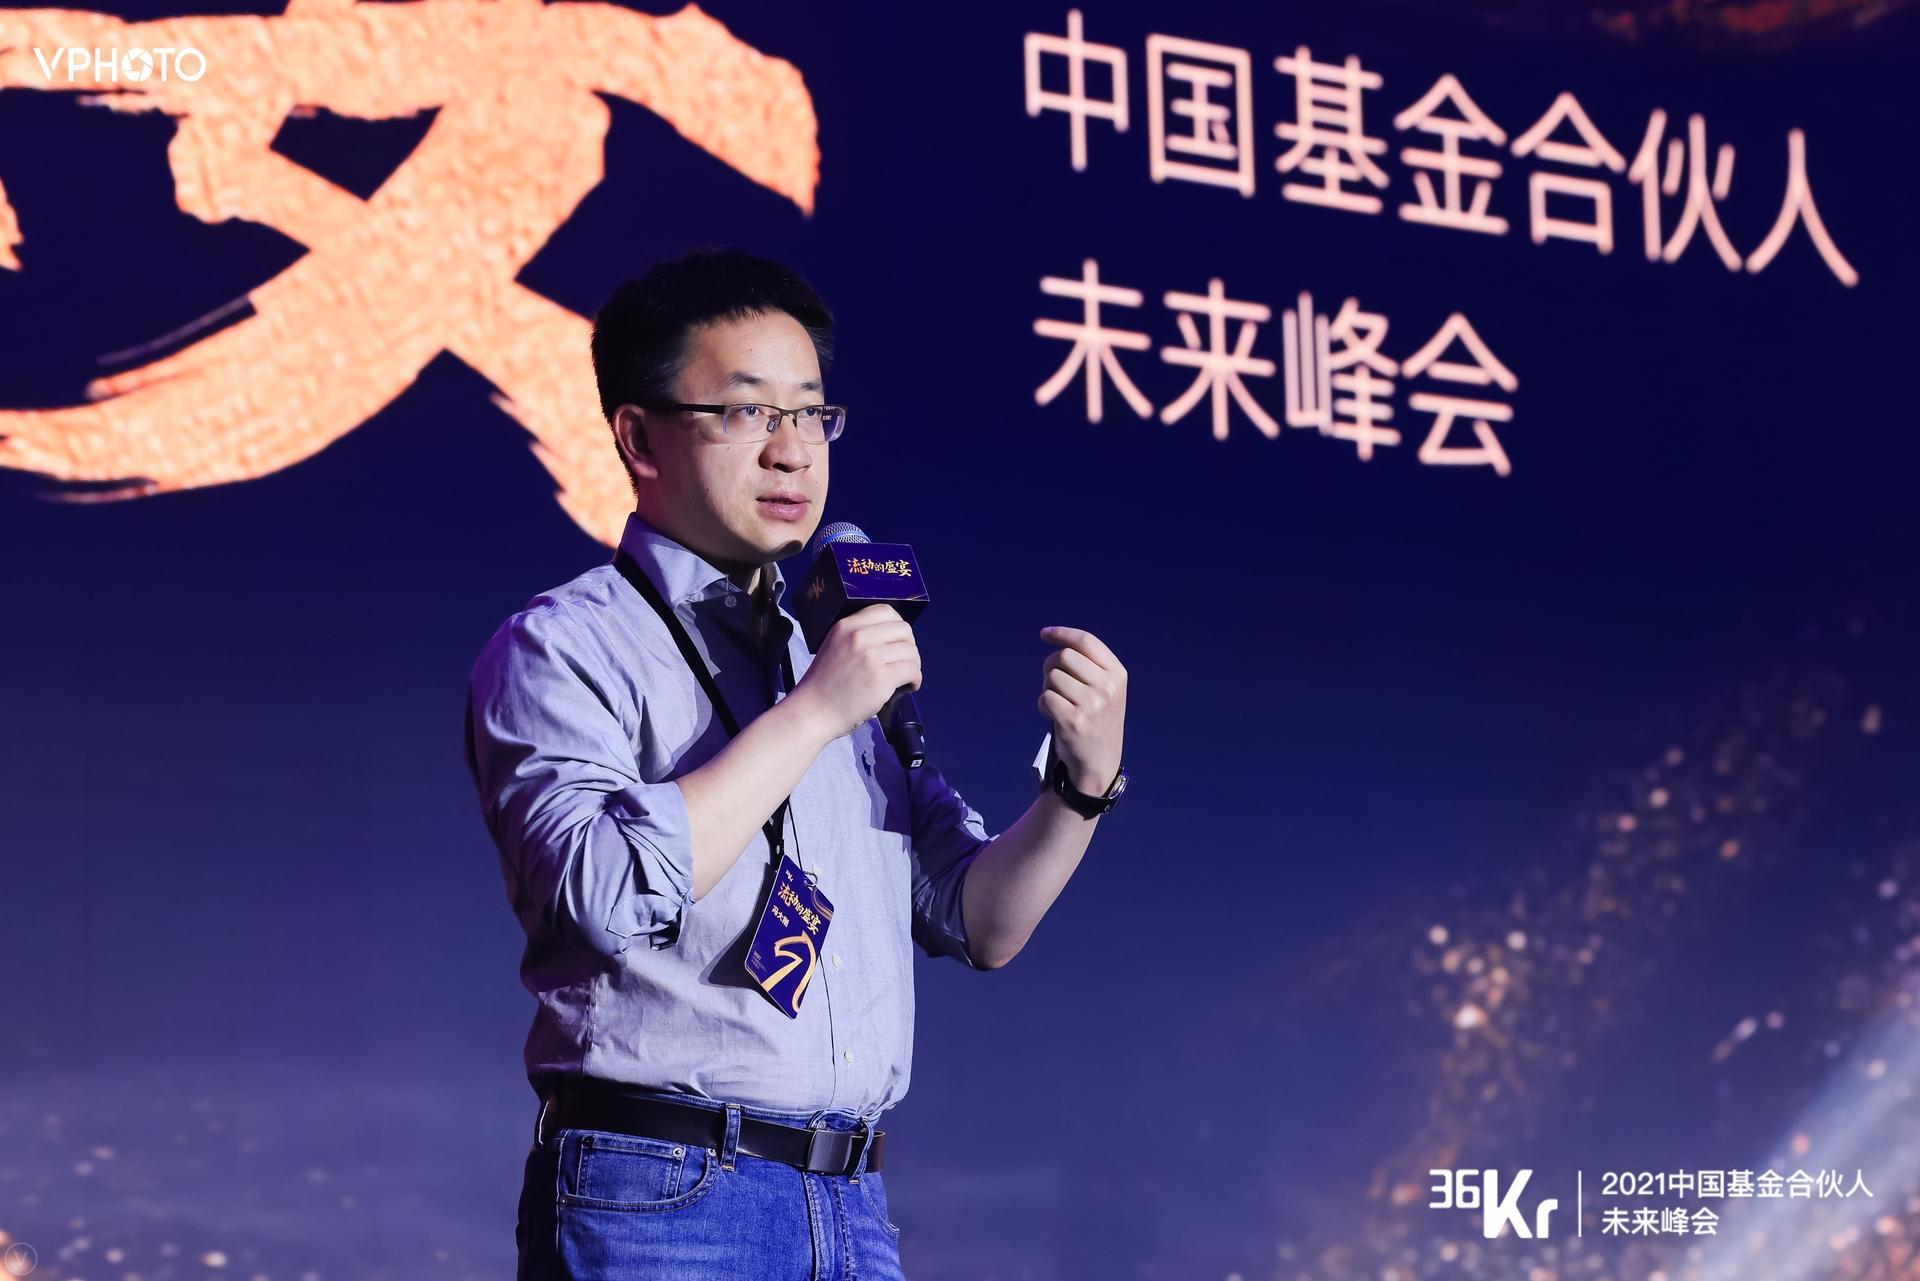 36氪冯大刚:投资行业告别青春期 |2021中国基金合伙人未来峰会